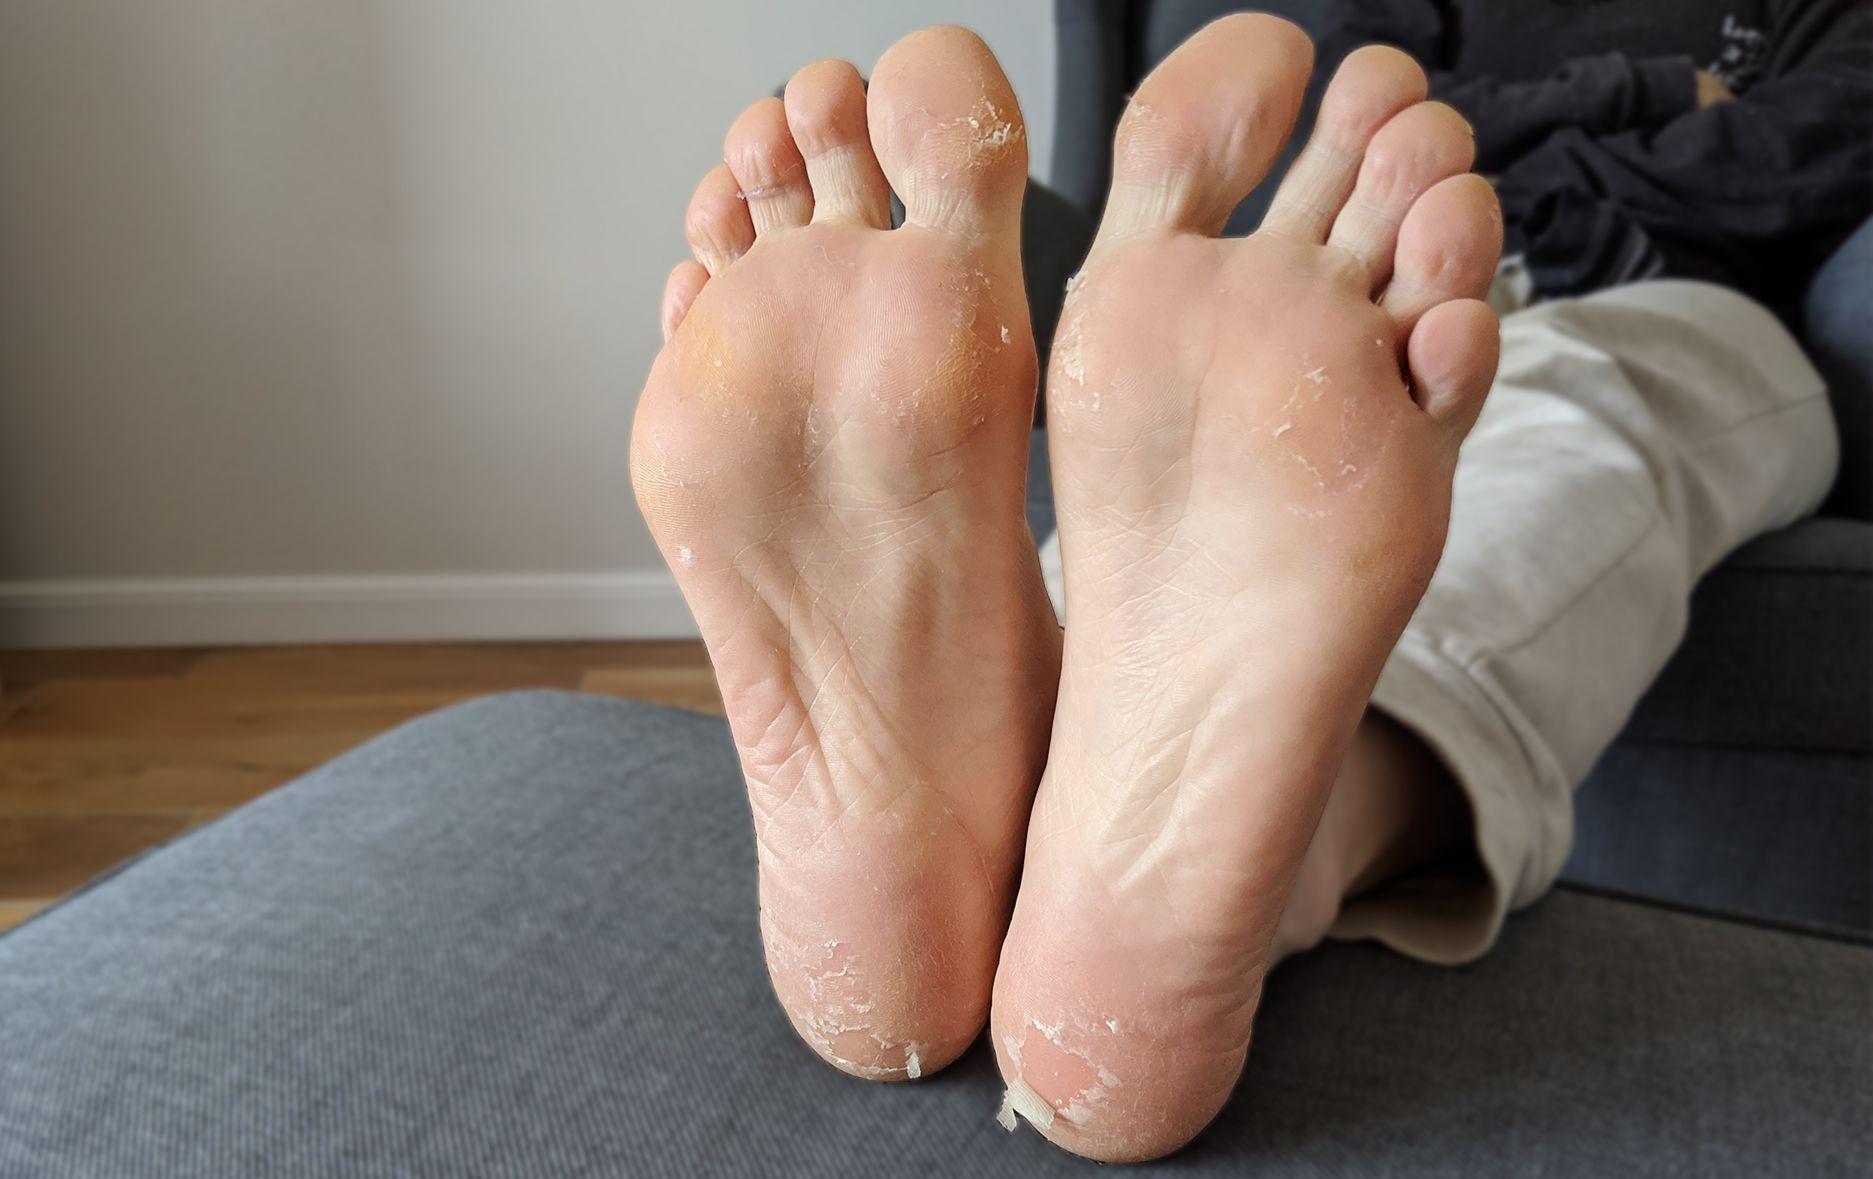 Így nézett ki a talpam a hámlasztó zokni használatát követő 7. napon.